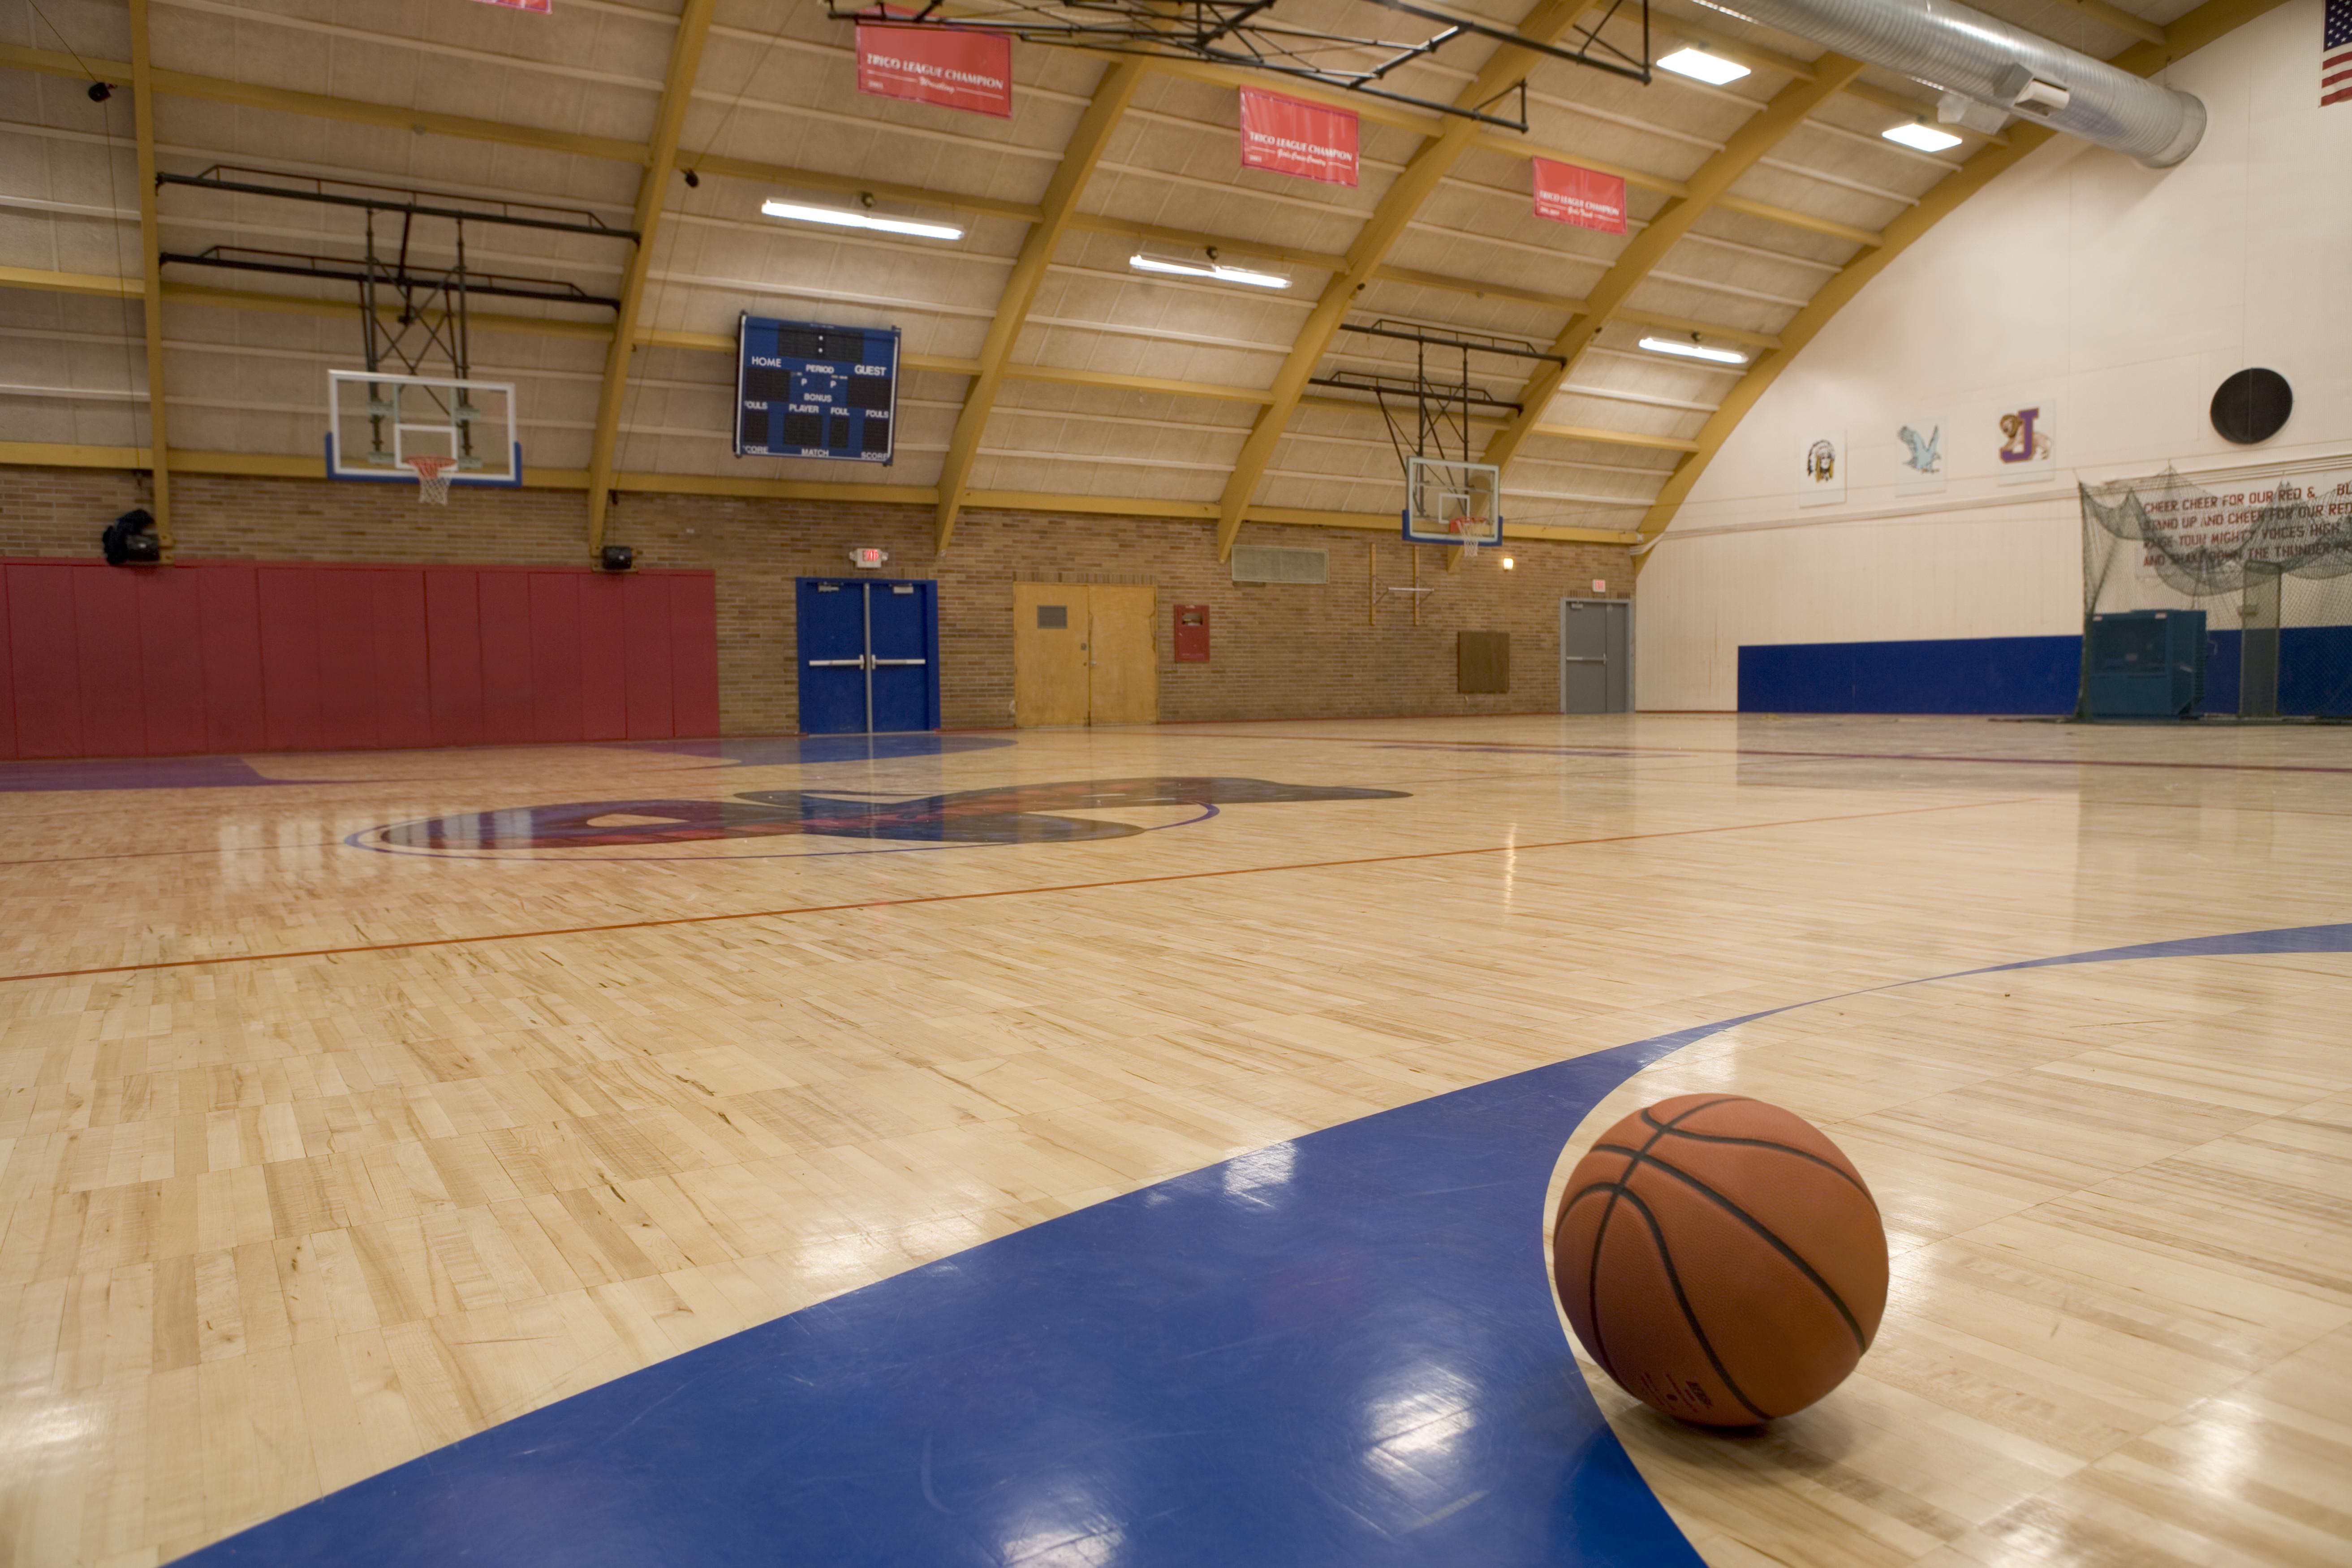 A basketball on a gym floor.